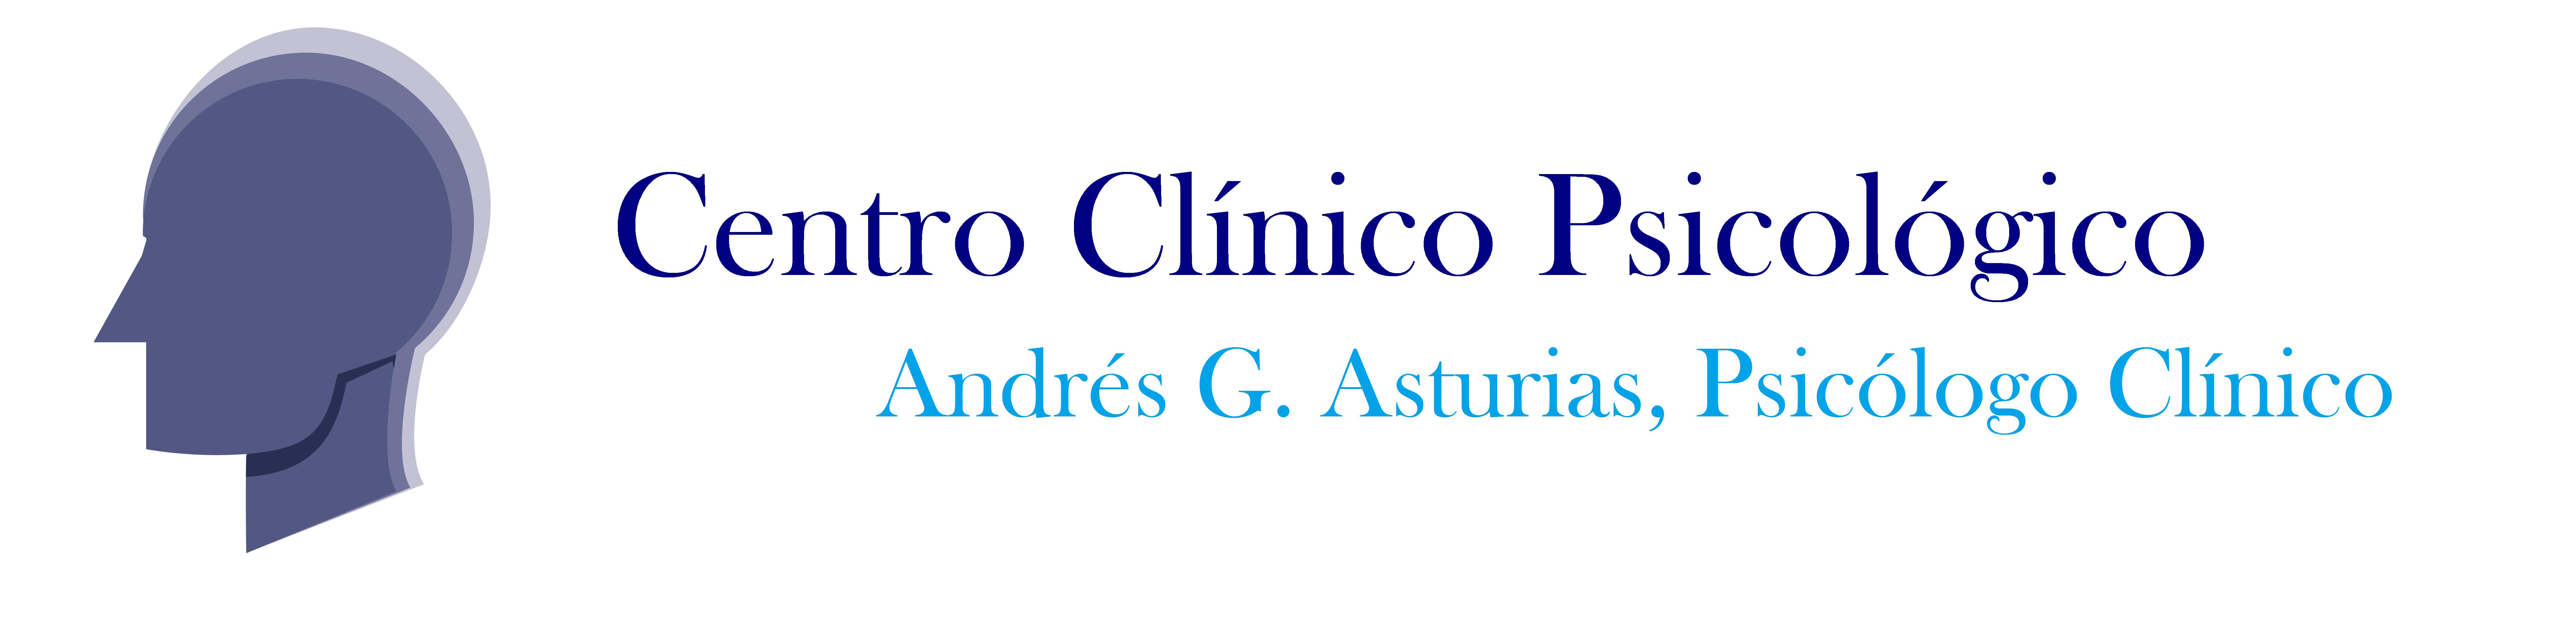 Centro Clínico Psicológico